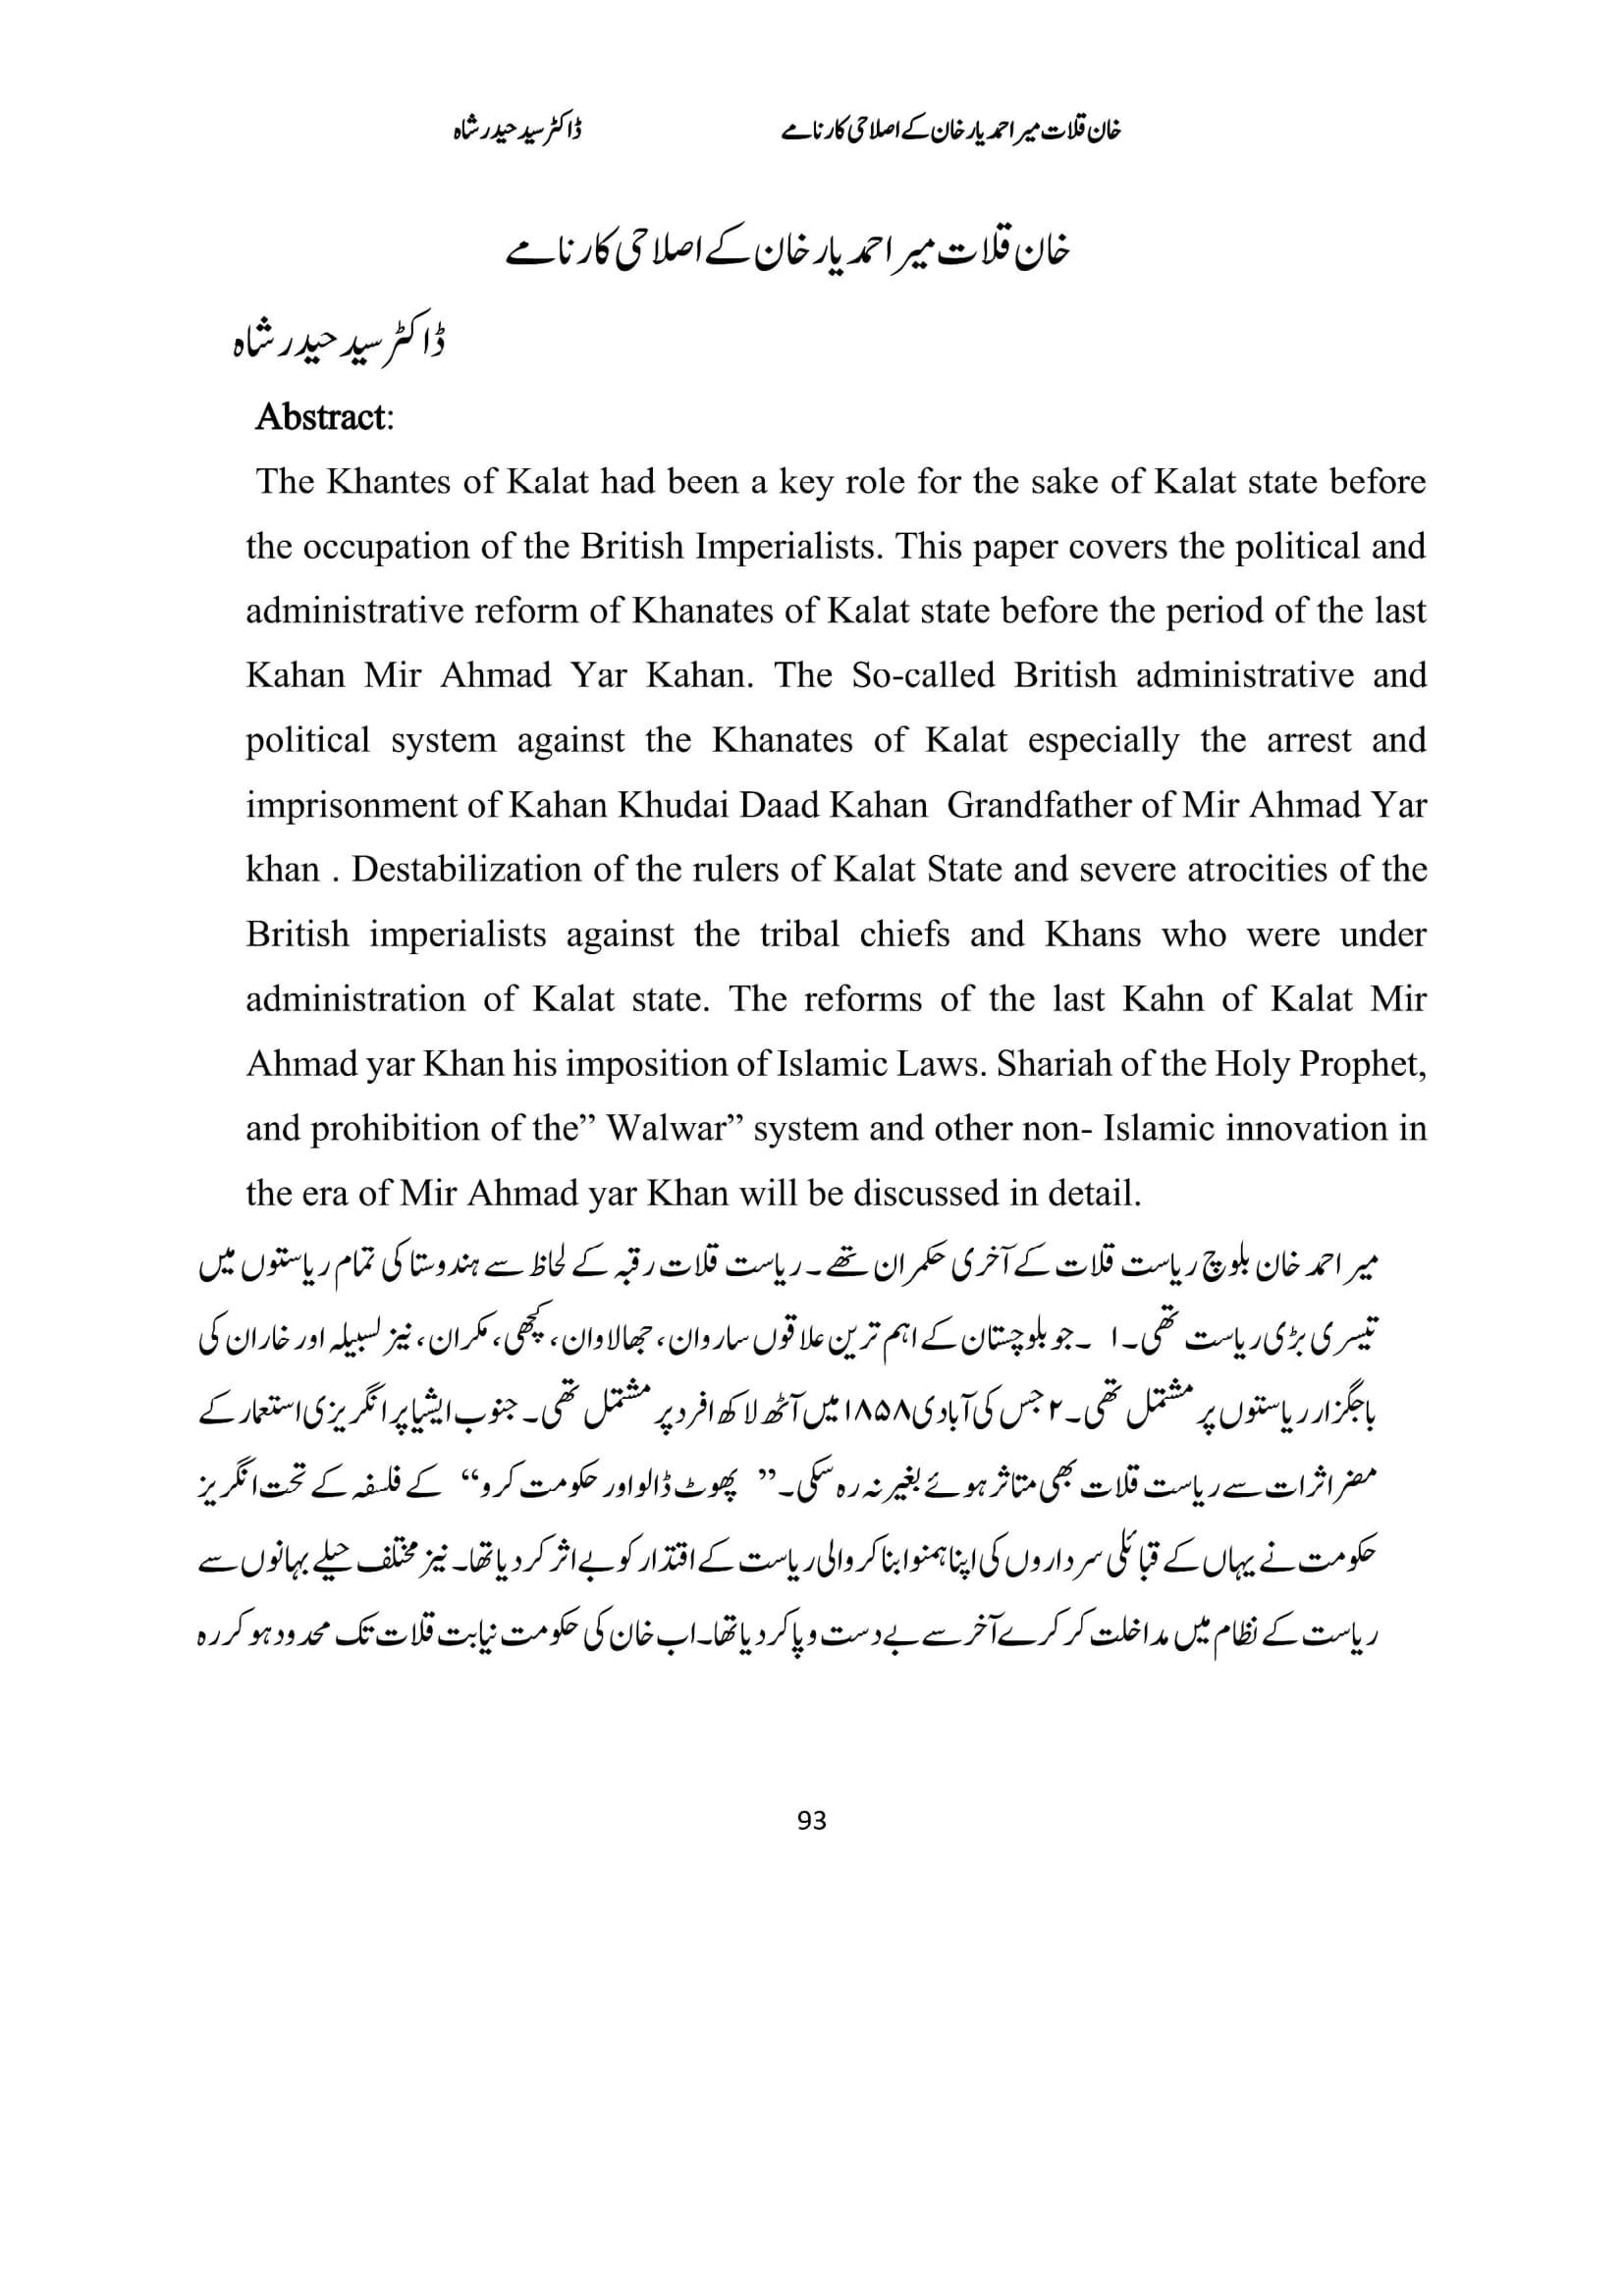 خان قلات میر احمد یار خان کے اصلاحی کار نامے